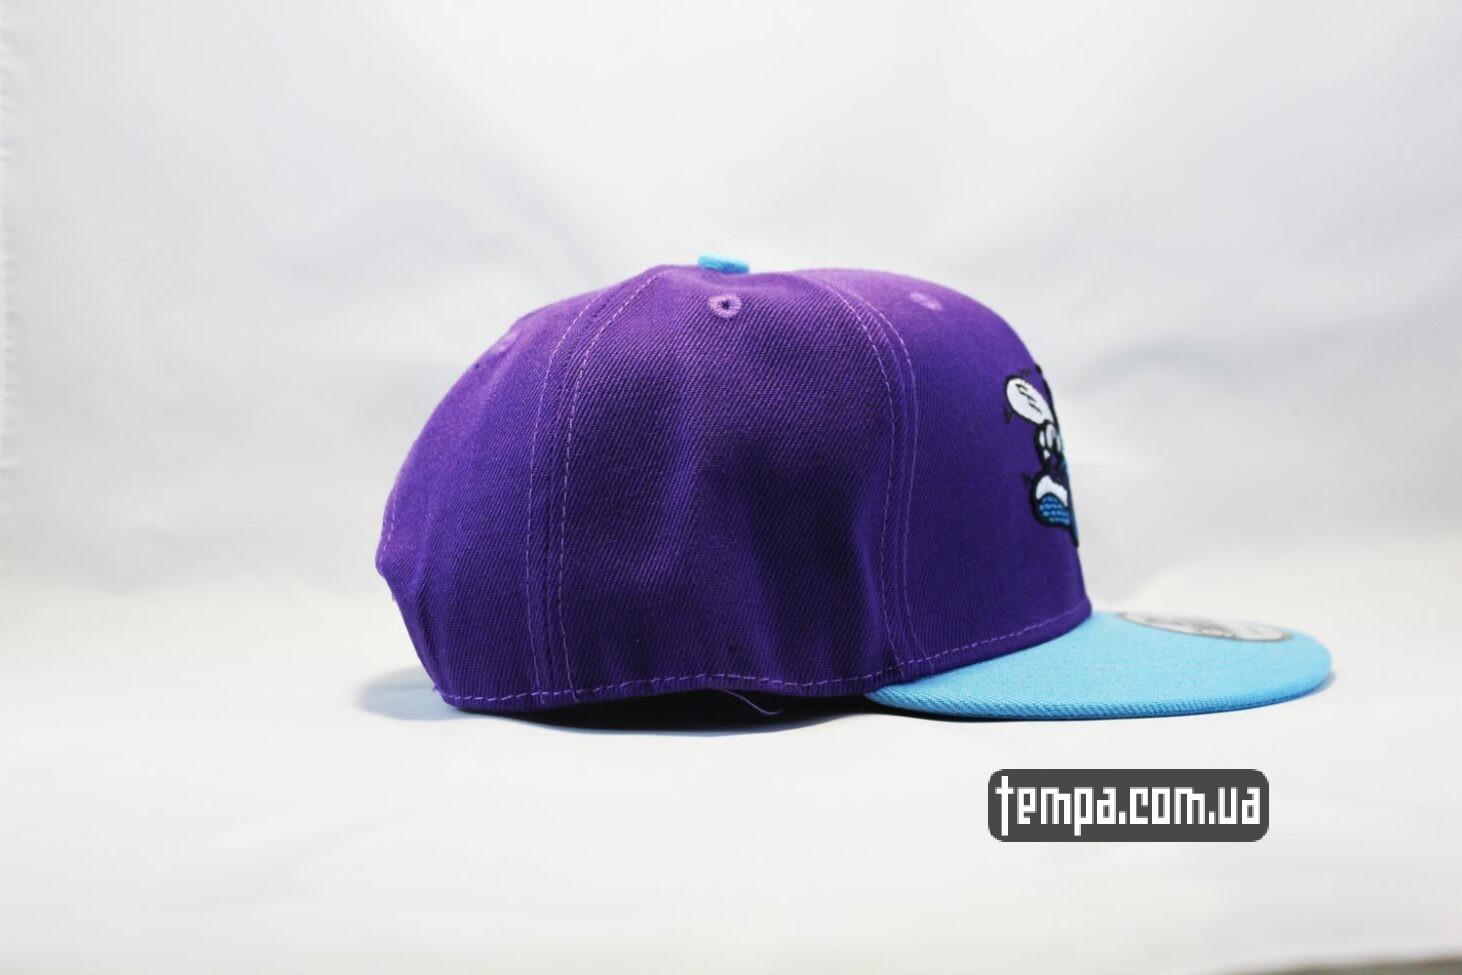 New Era магазин Украина кепка snapback Hornets фиолетовя с осой New Era купить